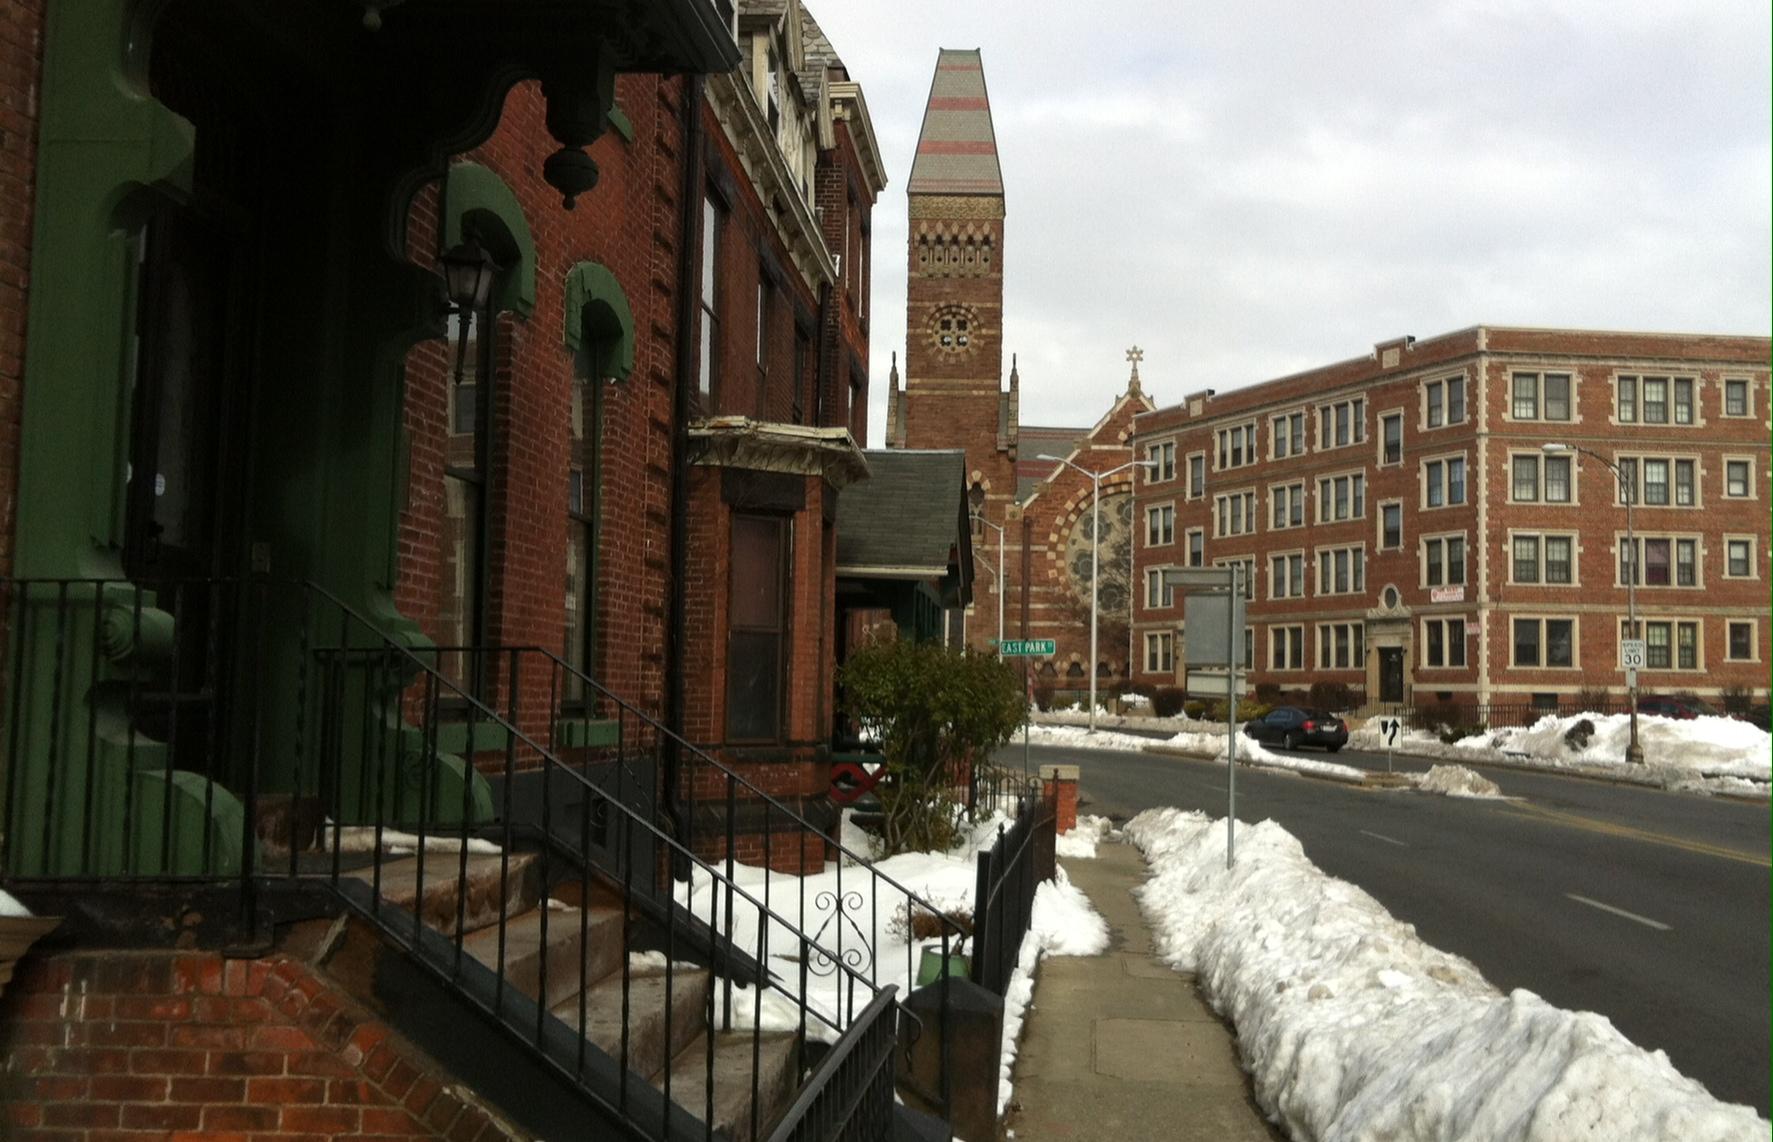 Steve's Springfield neighborhood (Source: Steve Shultis)